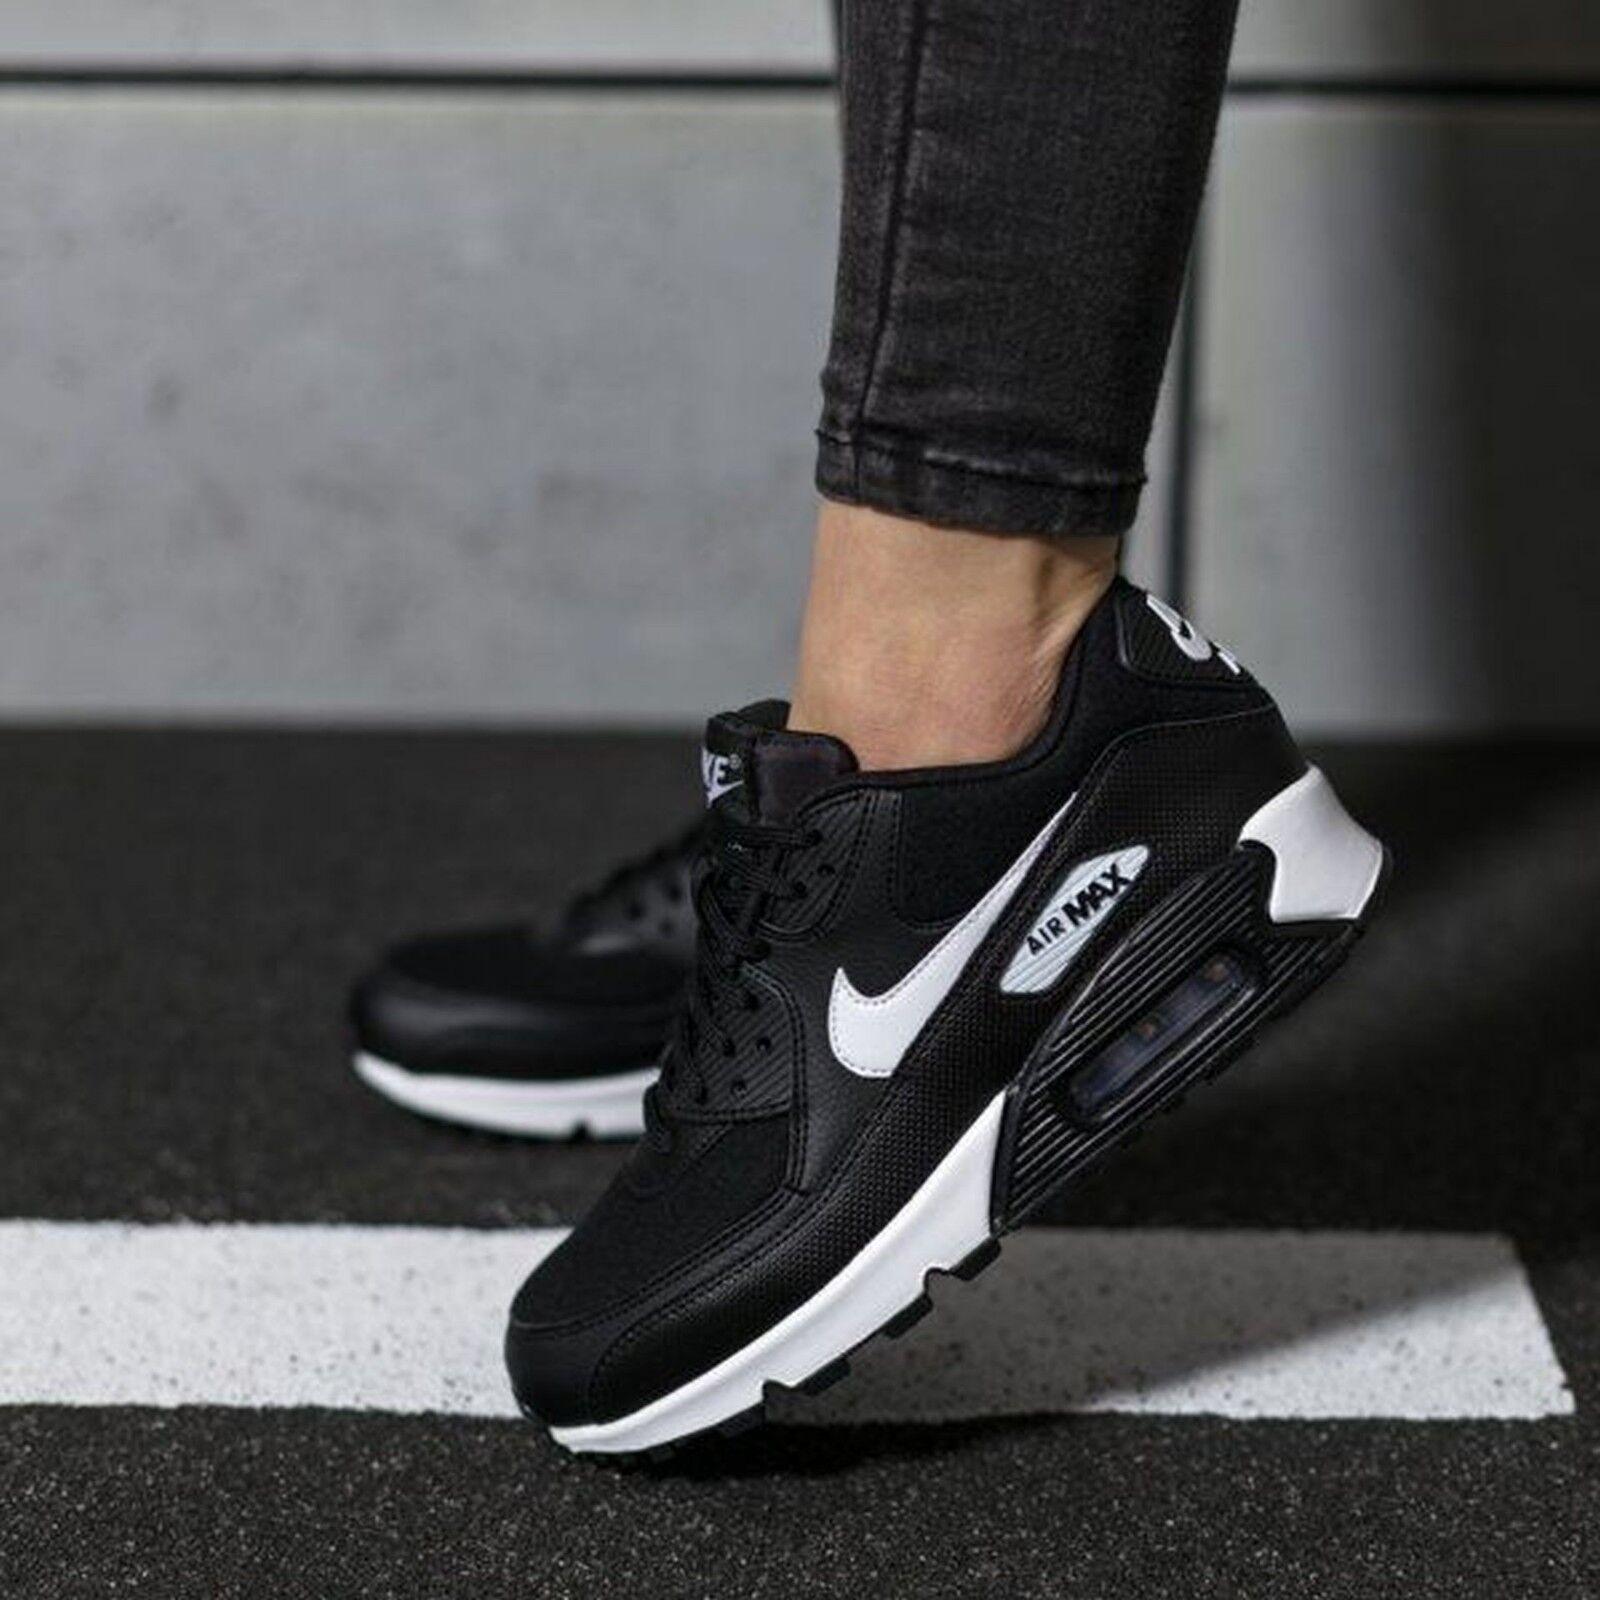 Nike Air Max 90 Wmn Sz 8.5 325213-047 Black   White